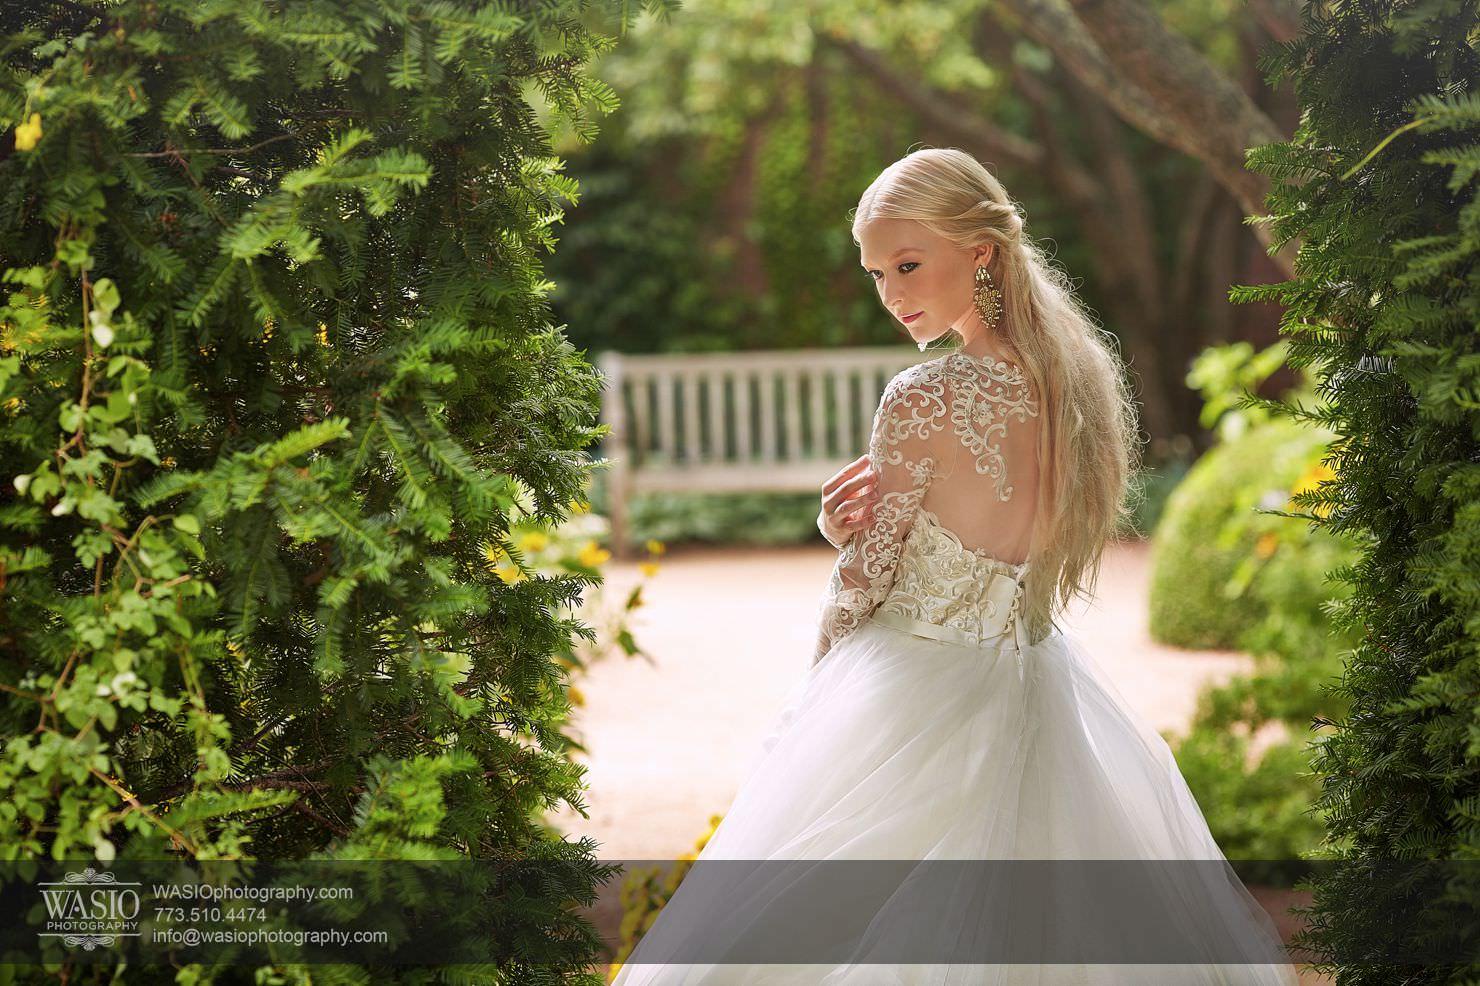 chicago-botanic-garden-classy-bride Chicago Botanic Garden - Classy Bride